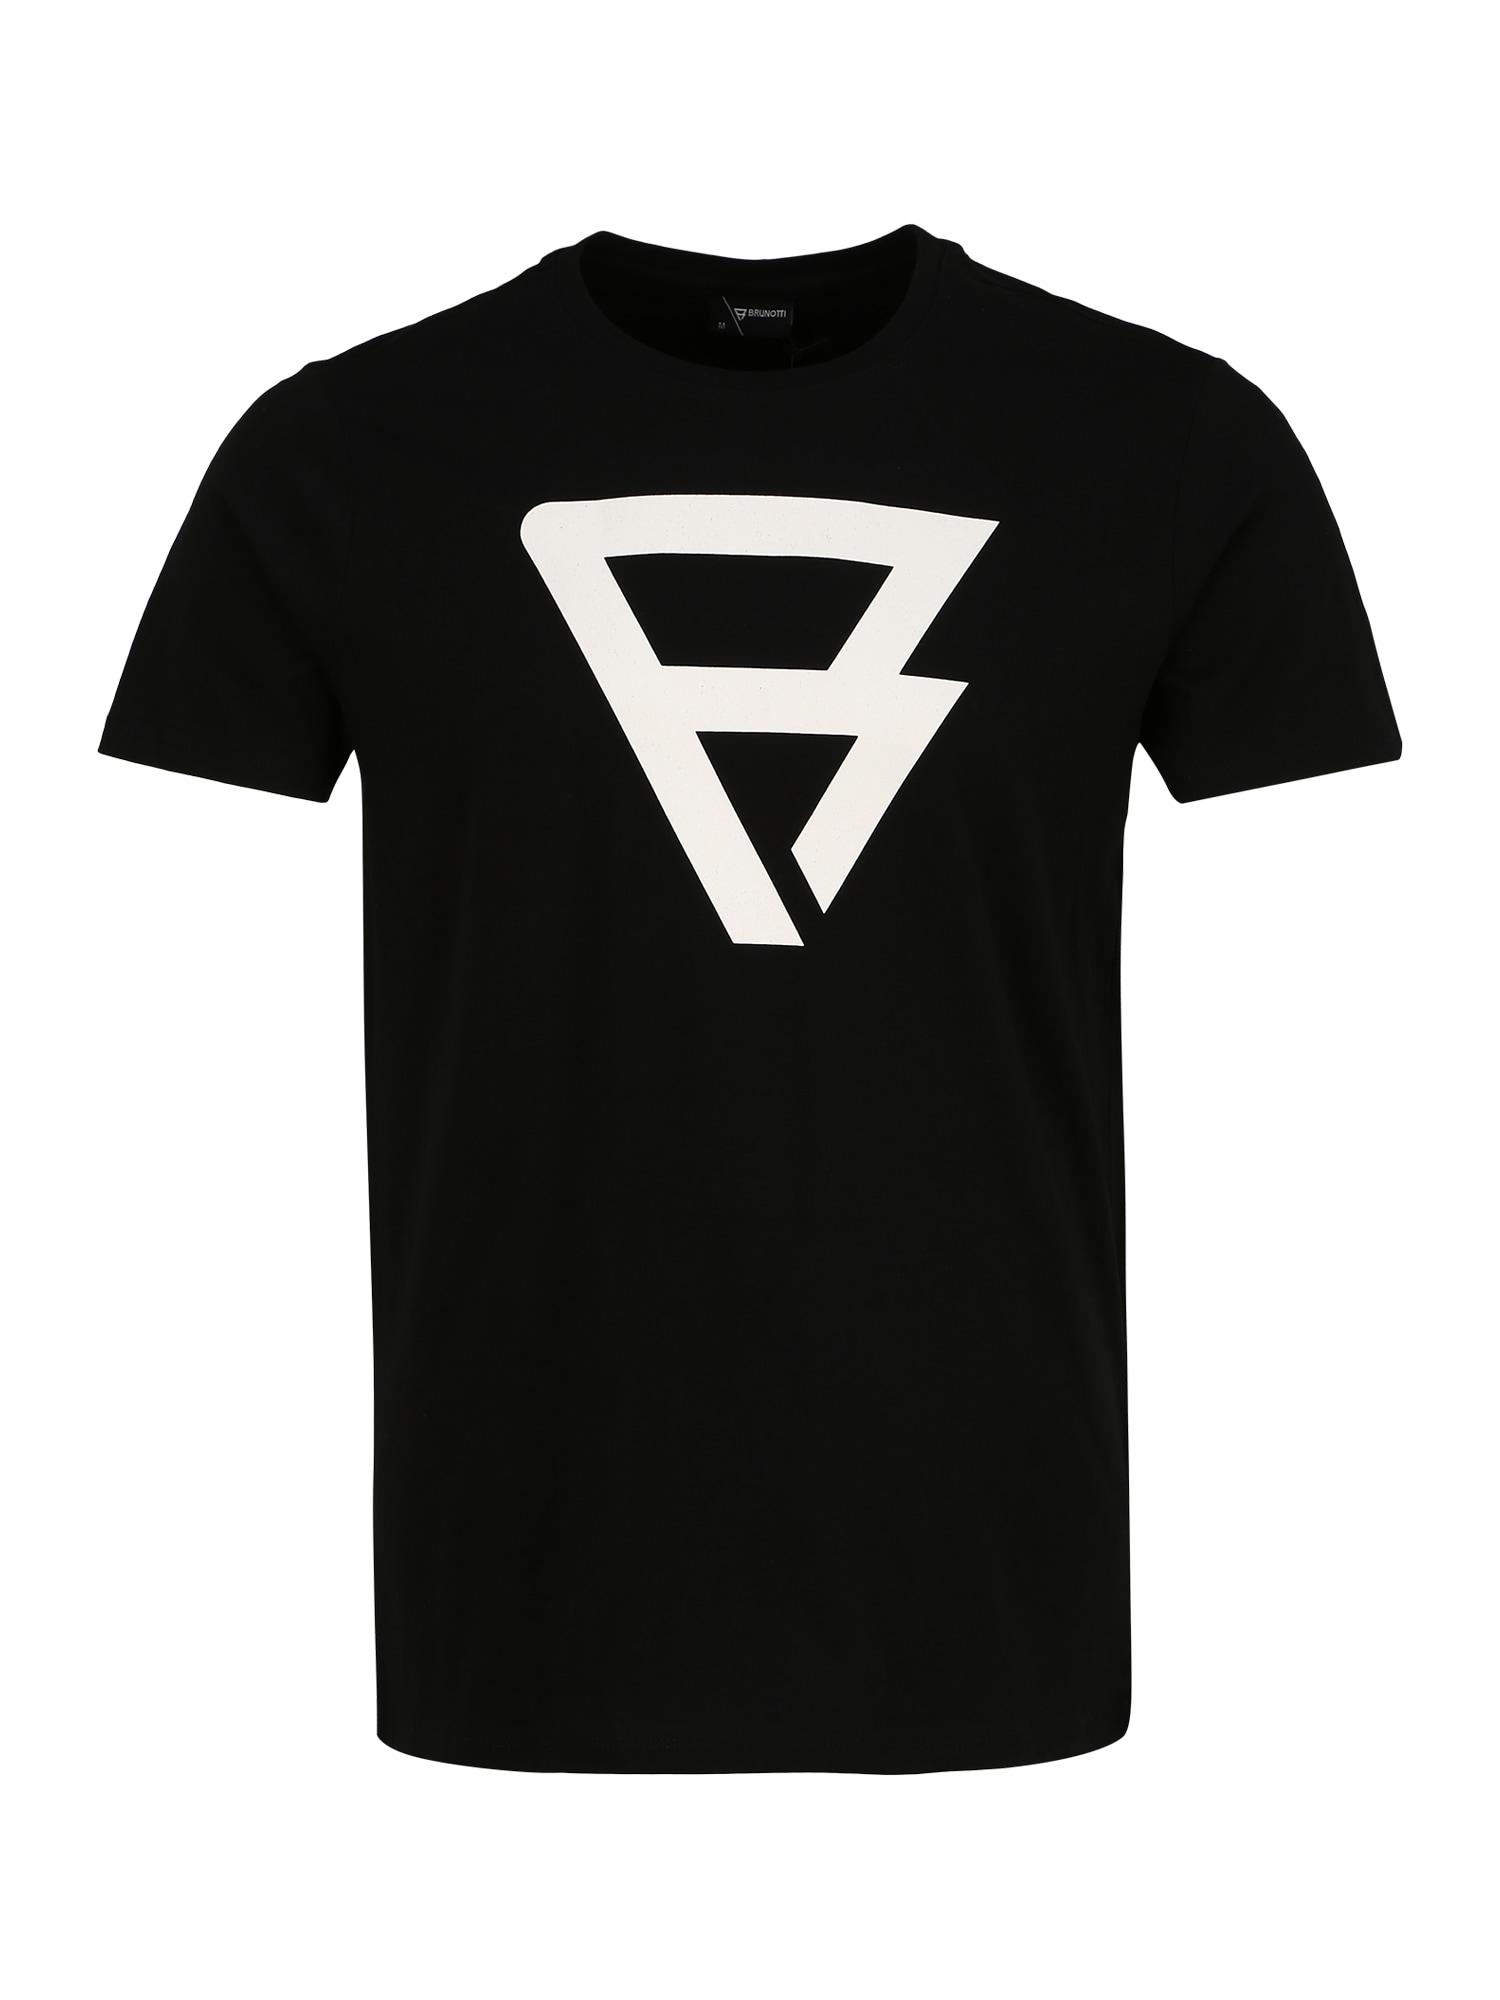 BRUNOTTI Sportiniai marškinėliai 'Herring' juoda / balta